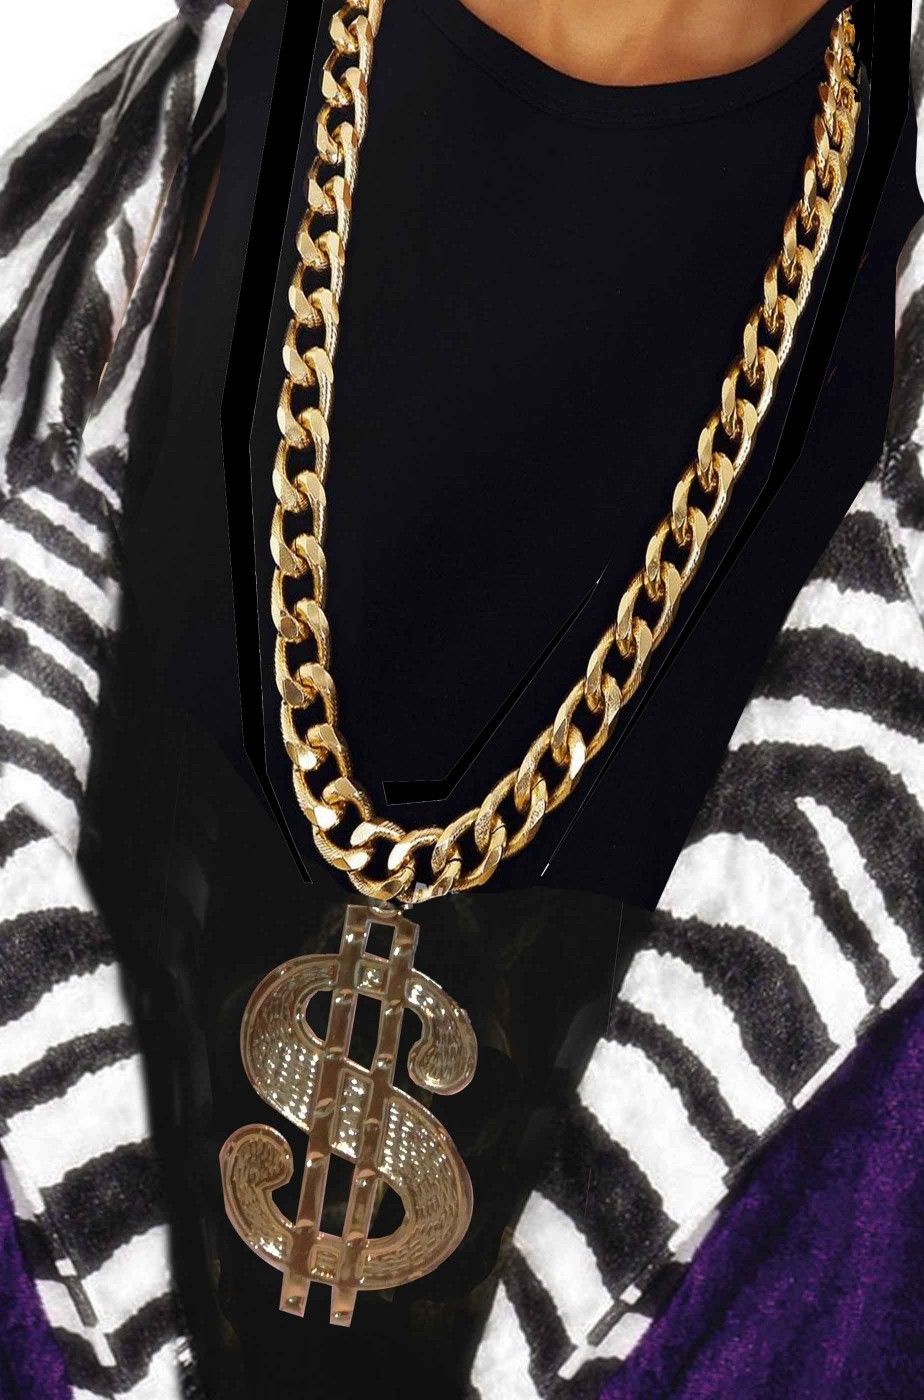 Collana a catena con medaglione da pappone o rapper con grande dollaro